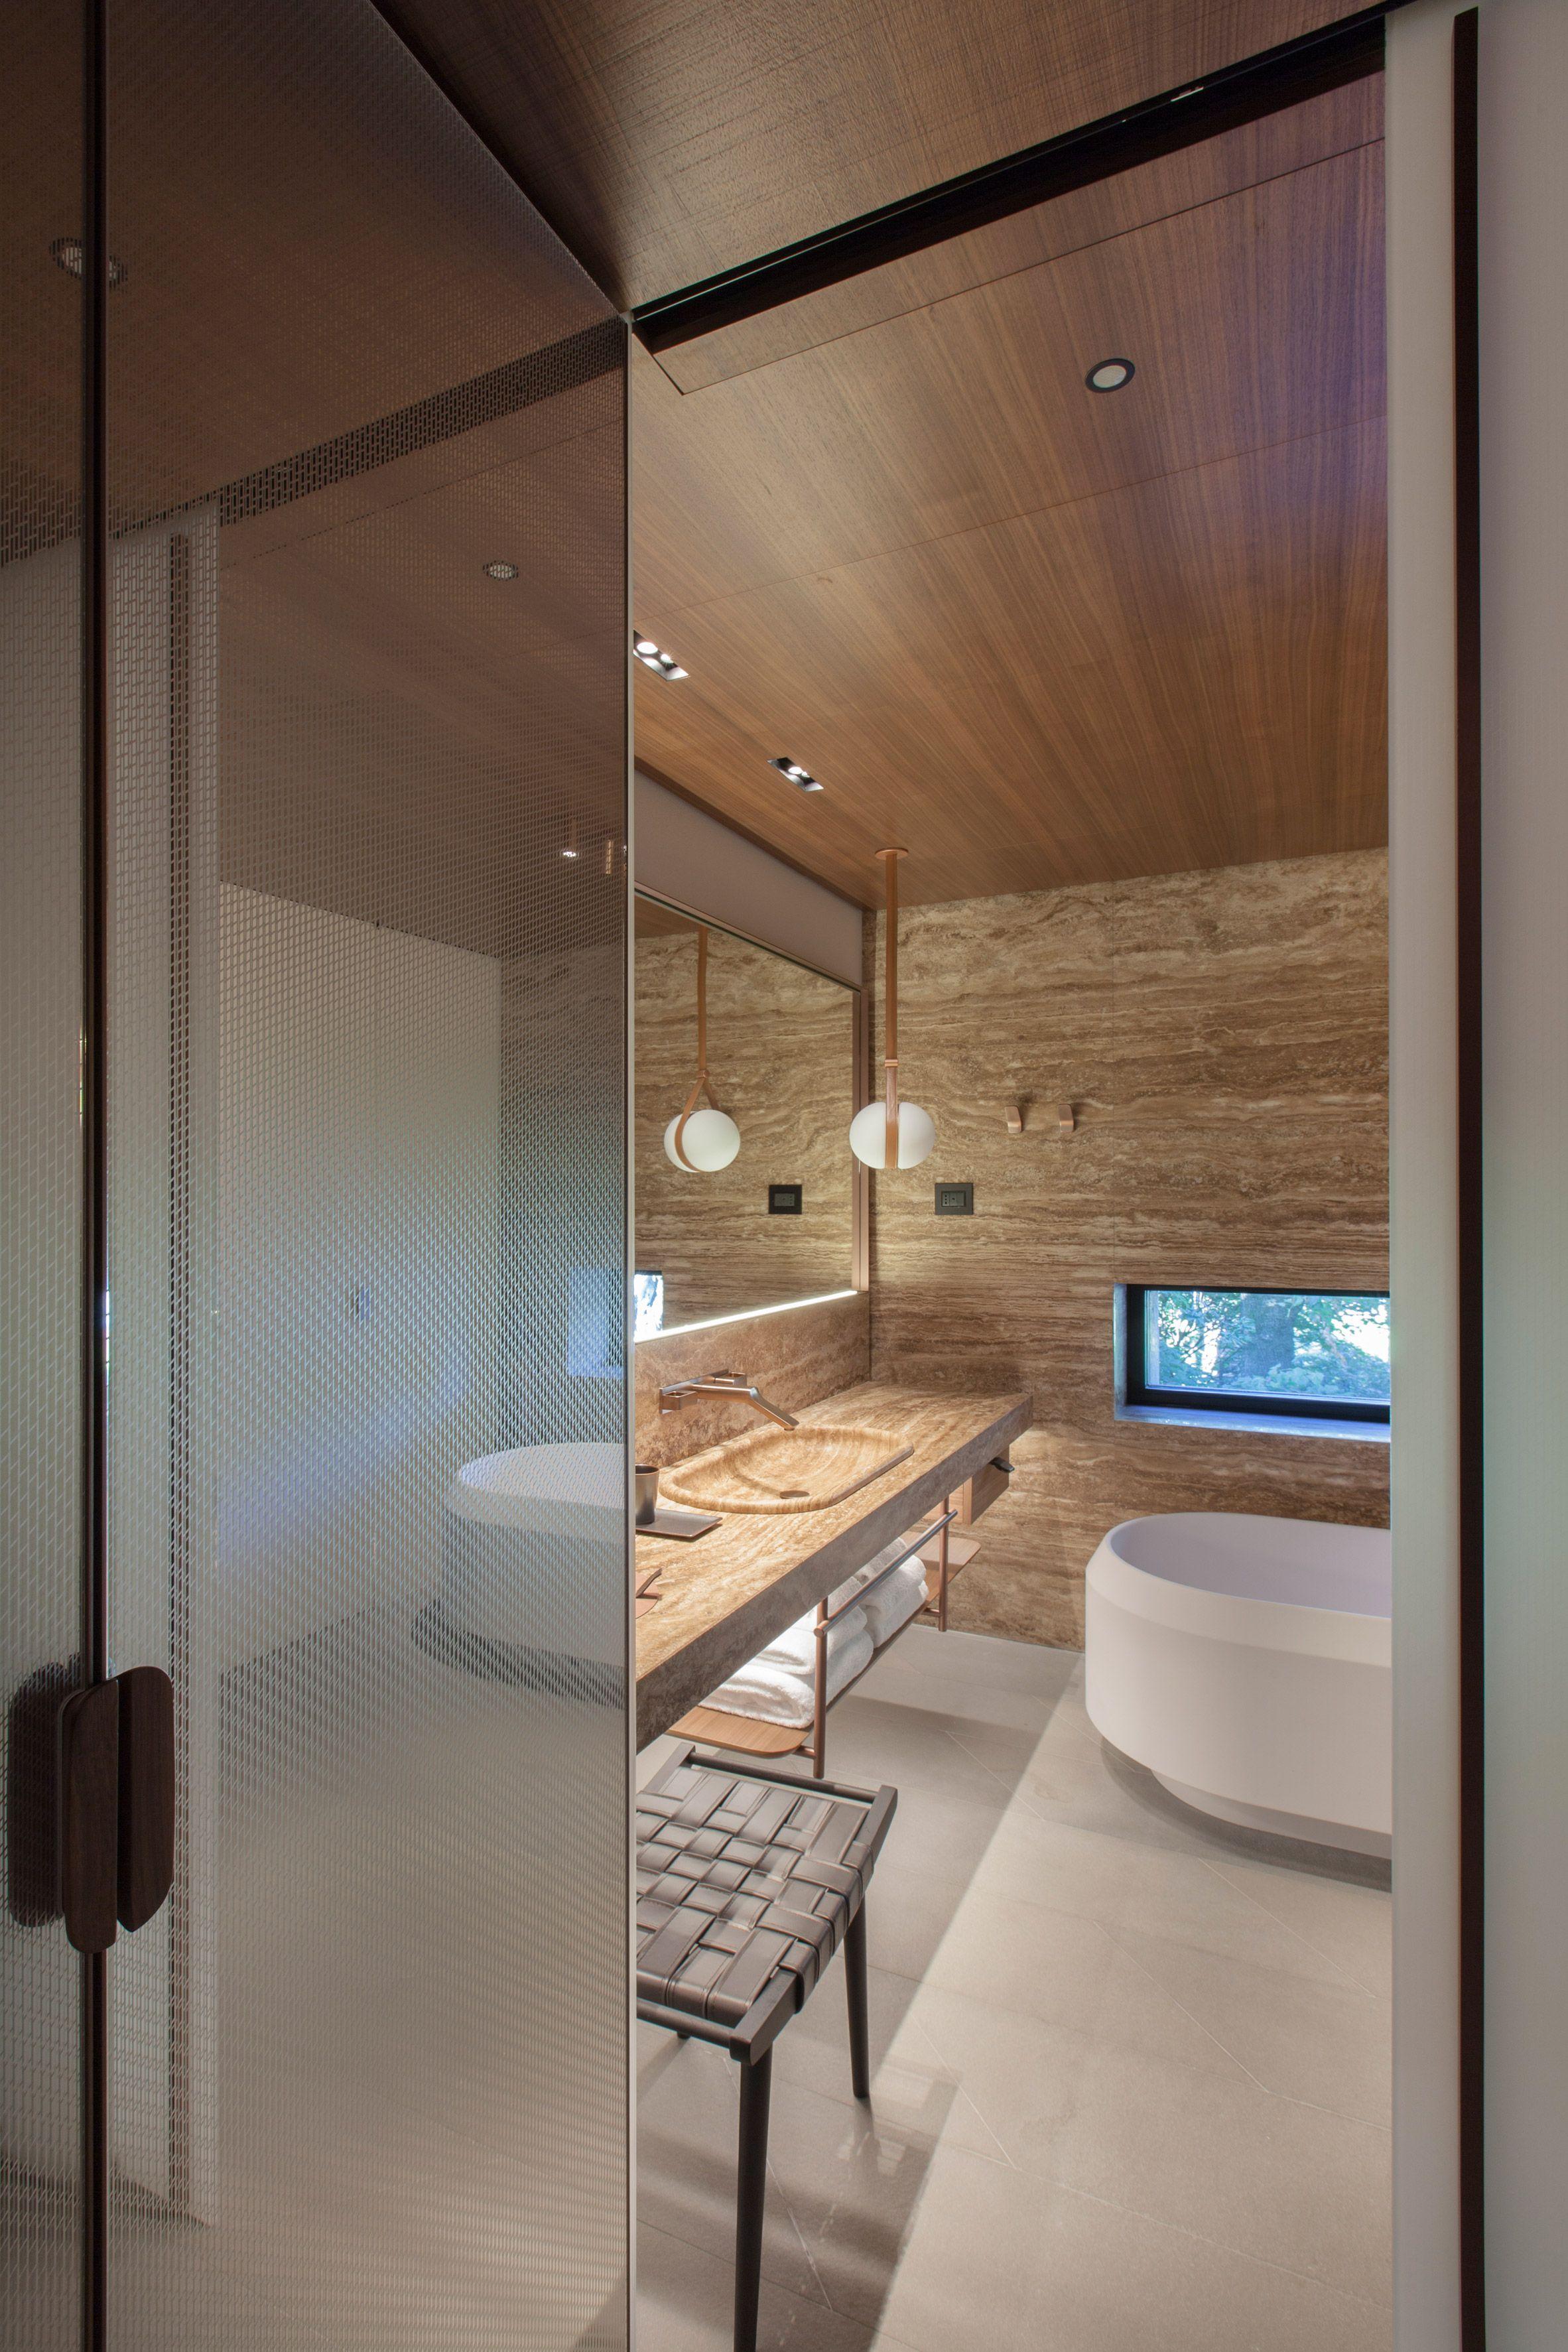 Patricia urquiola designs hotel il sereno on the shores of lake como apartment interior patricia